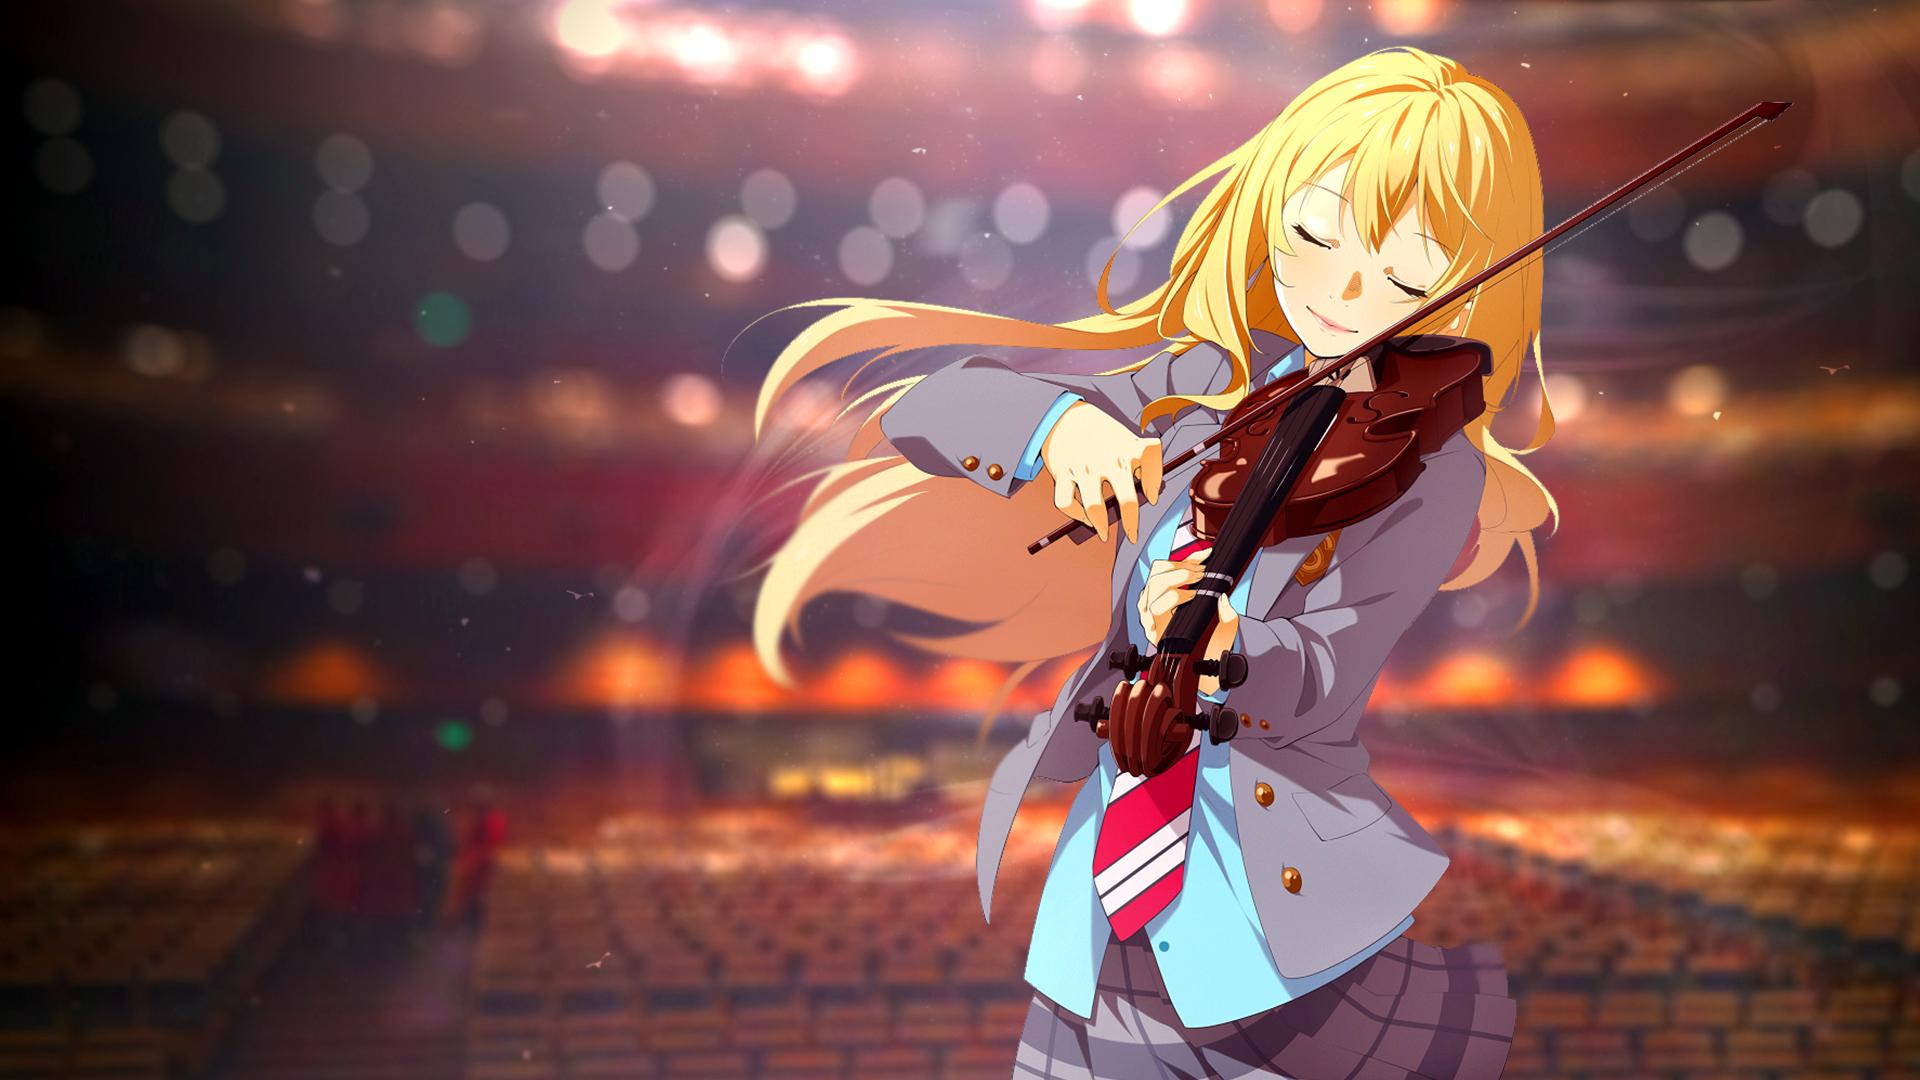 Wallpaper Anime Girls Shigatsu Wa Kimi No Uso Blonde Long